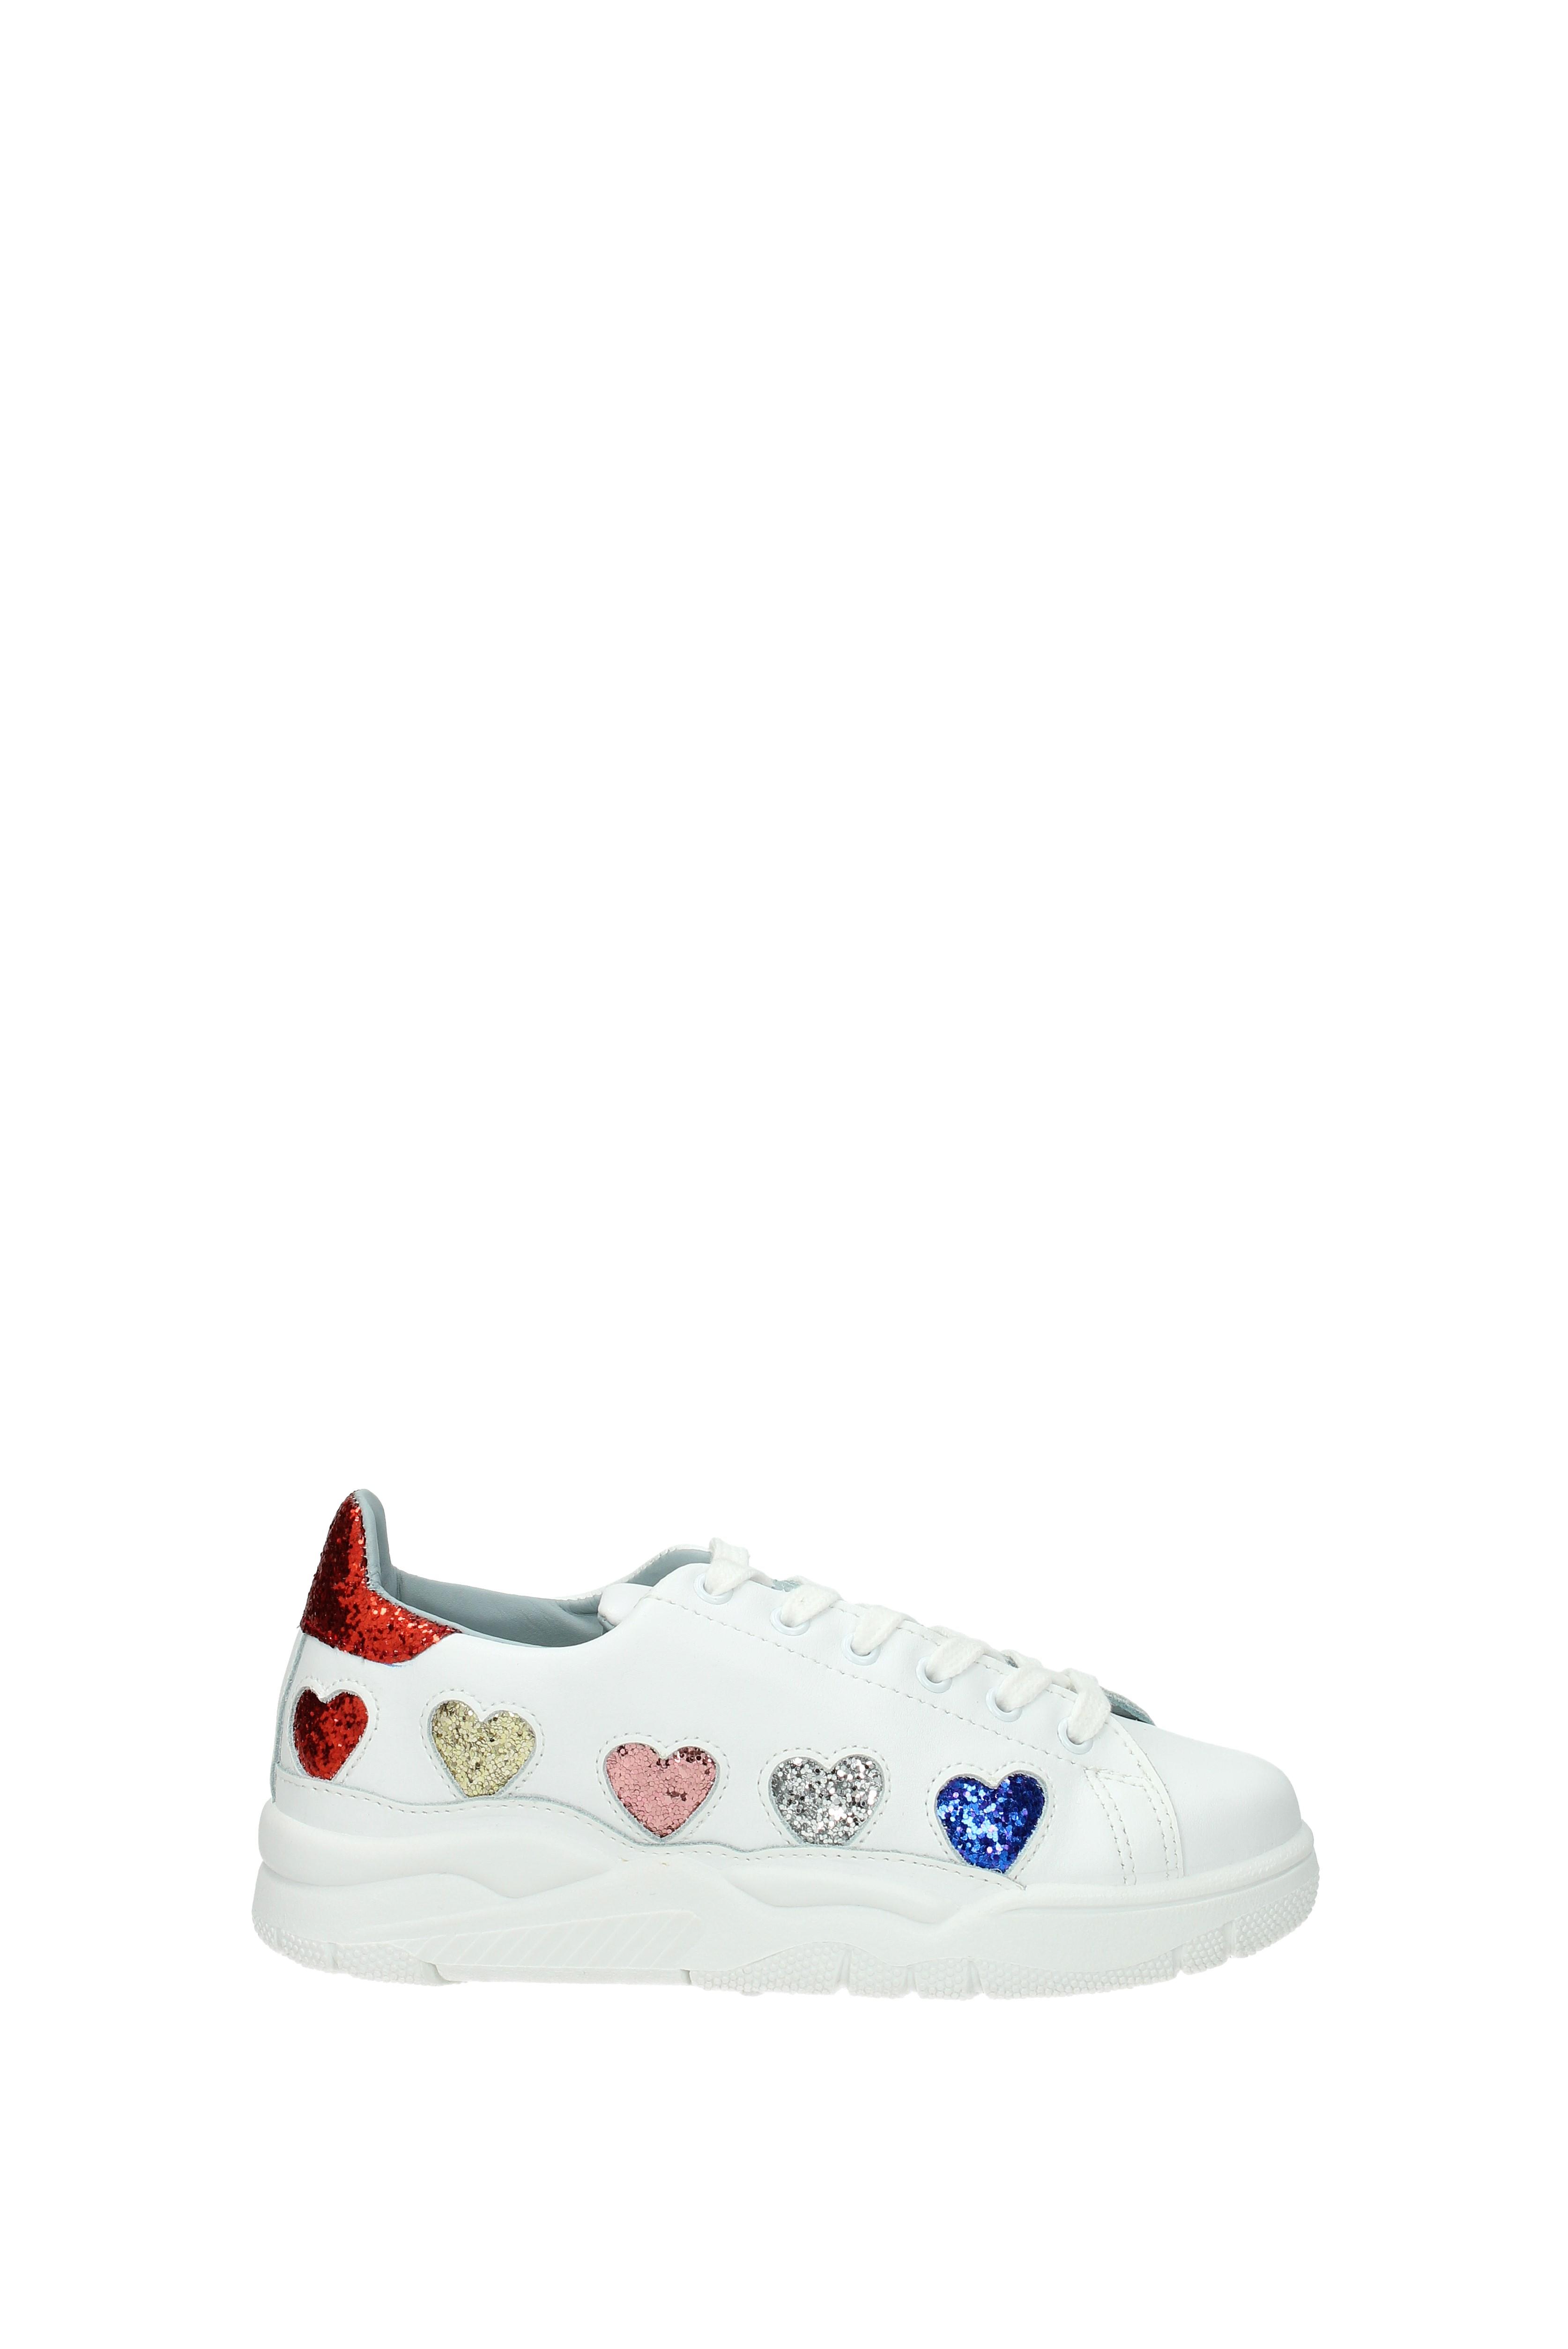 Sneakers Leder Chiara Ferragni Damen - Leder Sneakers (1911) 52e922